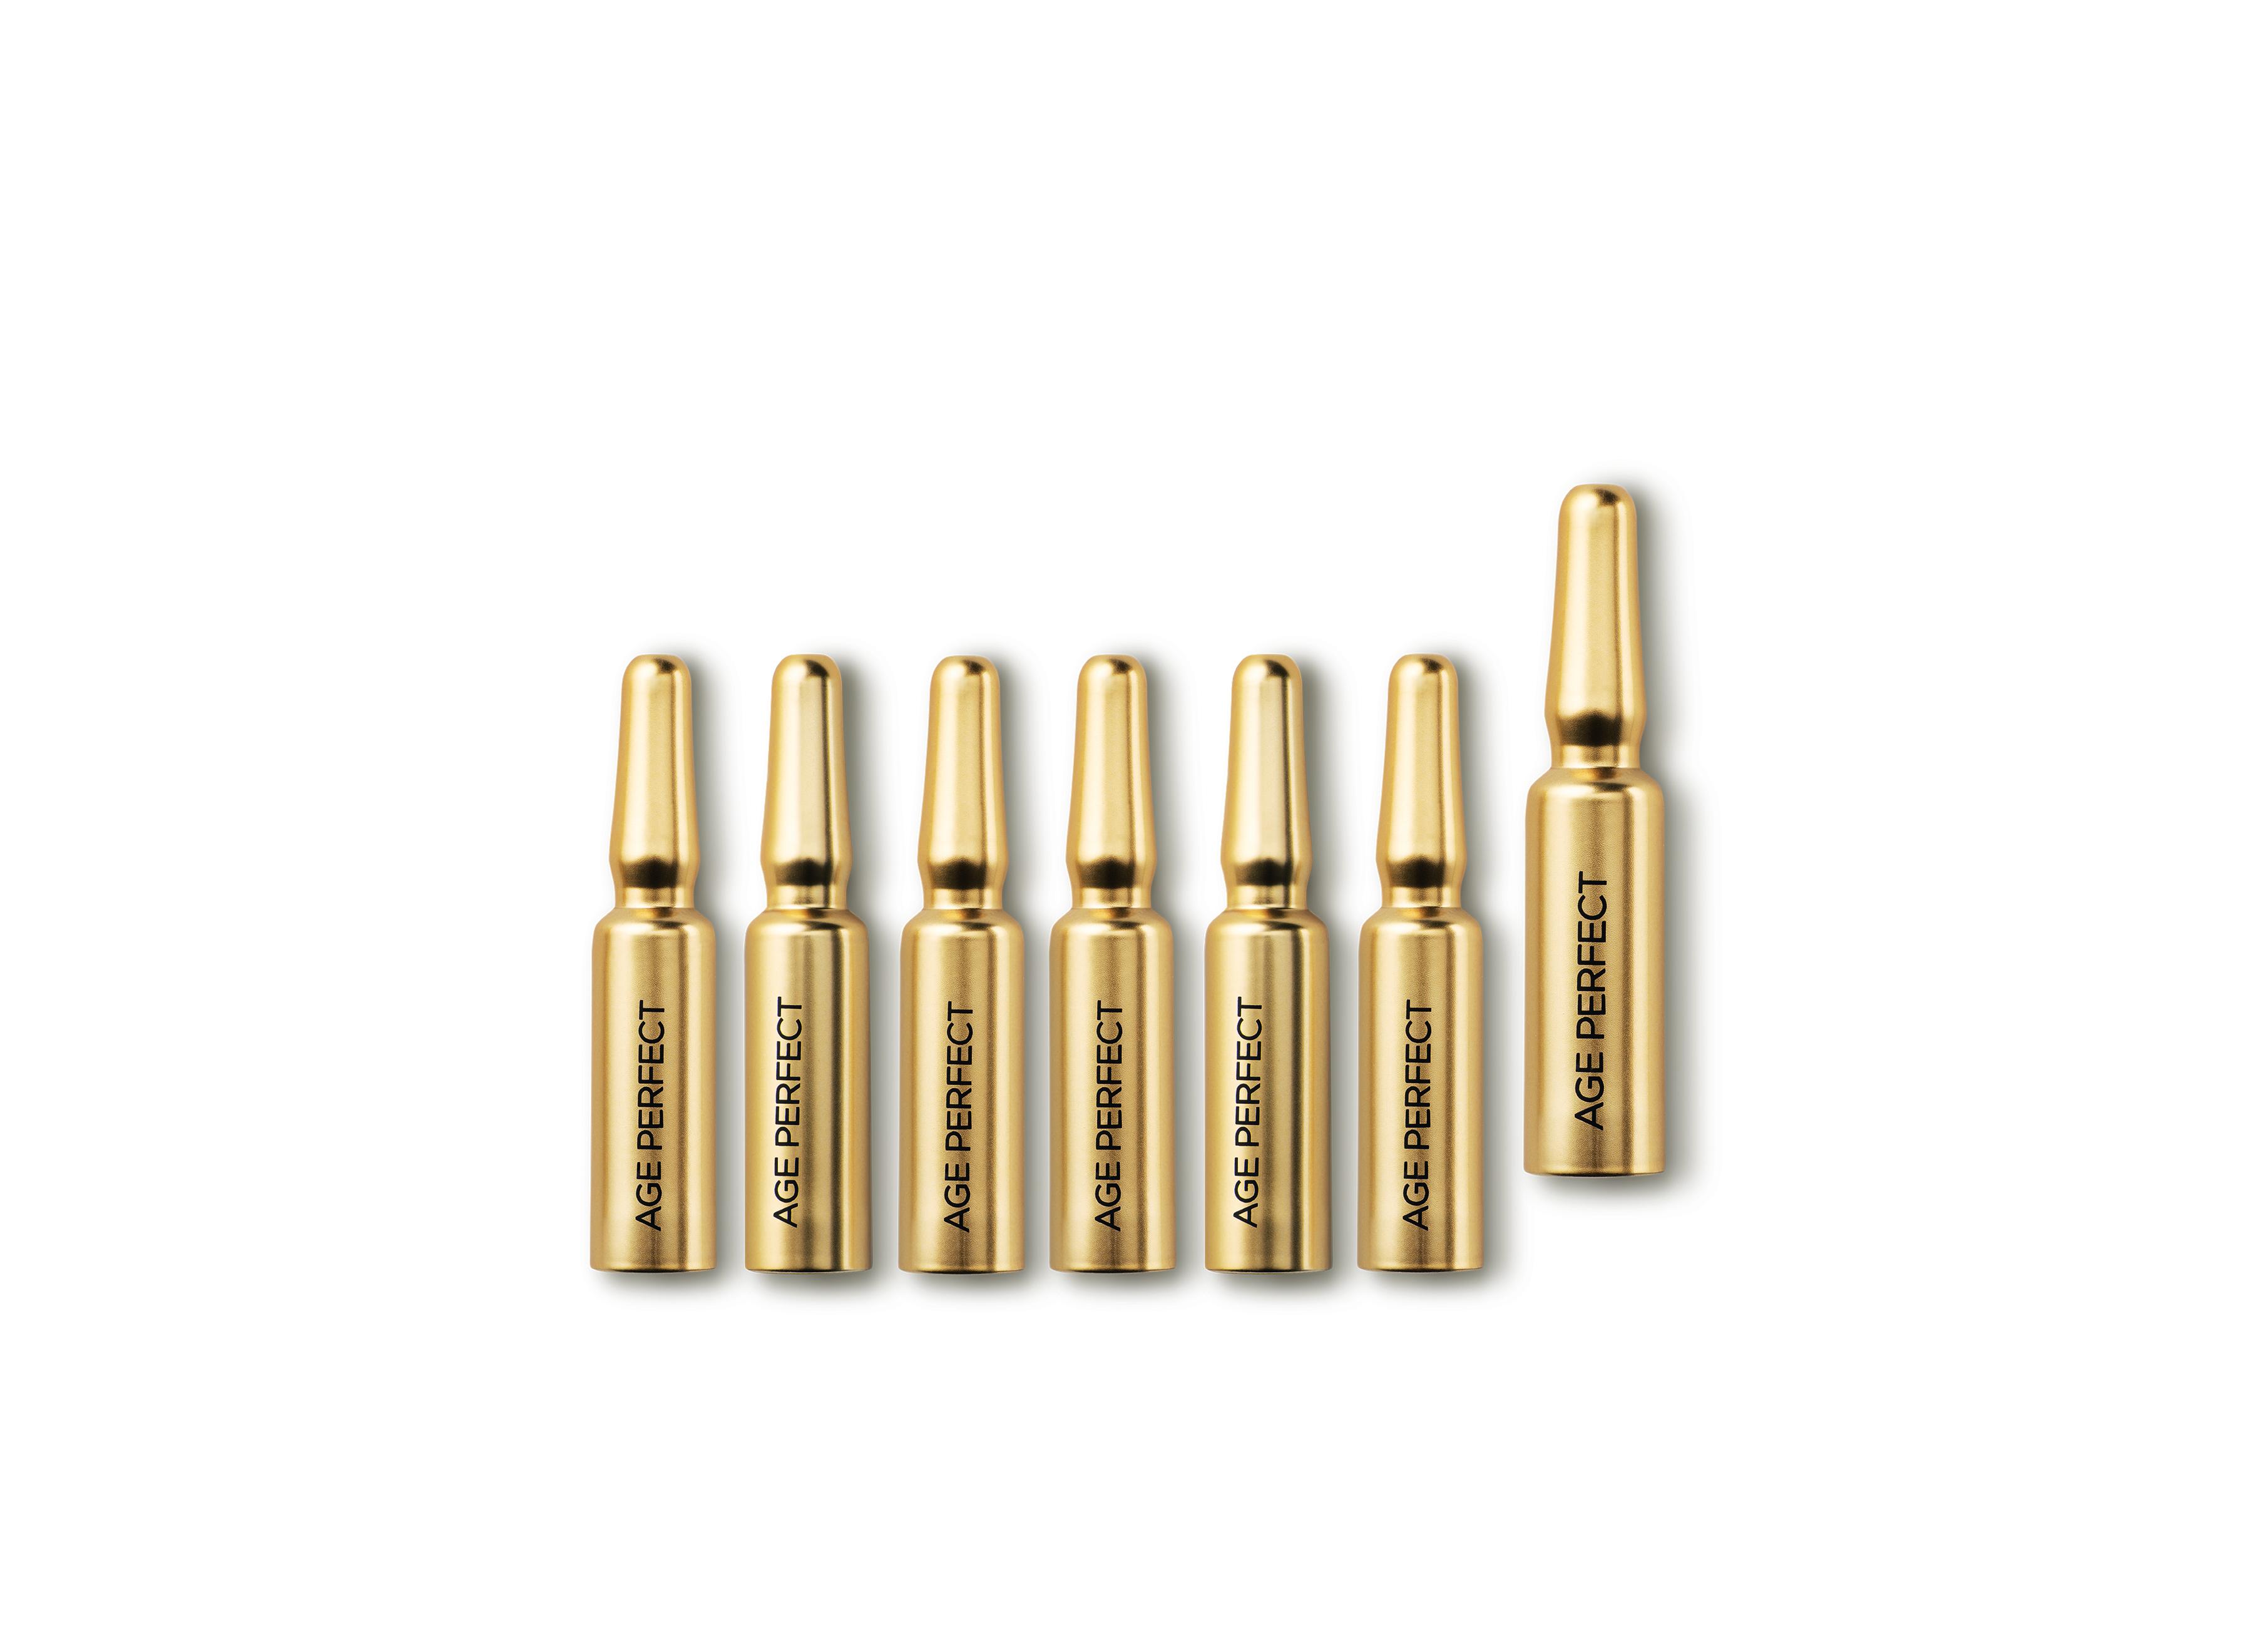 L'Oréal Paris - Age Perfect Classic 7 Days Ampoules 7 x 1 ml